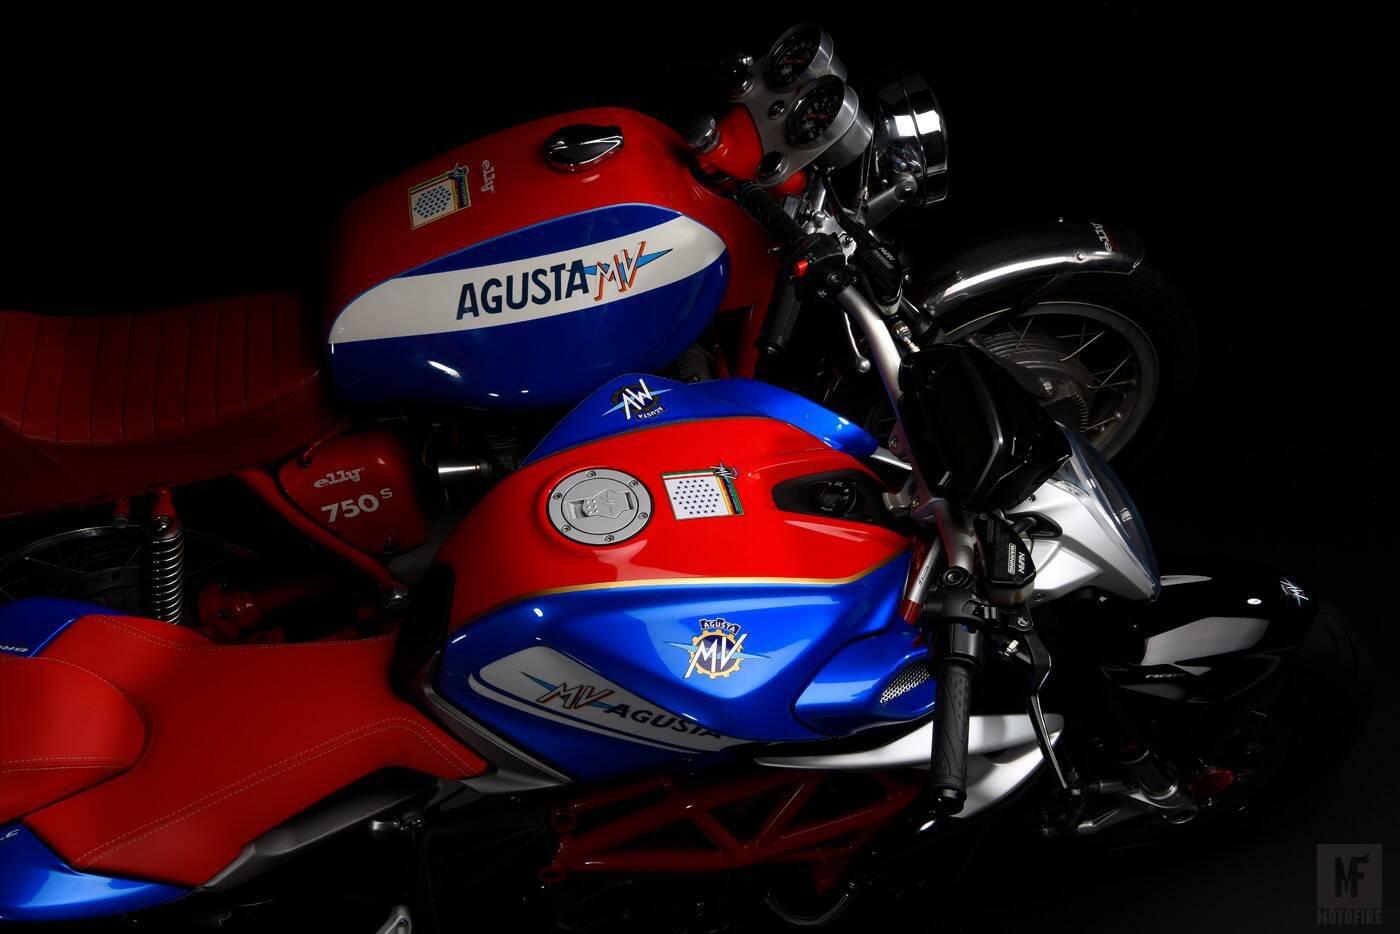 MV Augusta Brutale 800 RR America. Foto: Divulgação